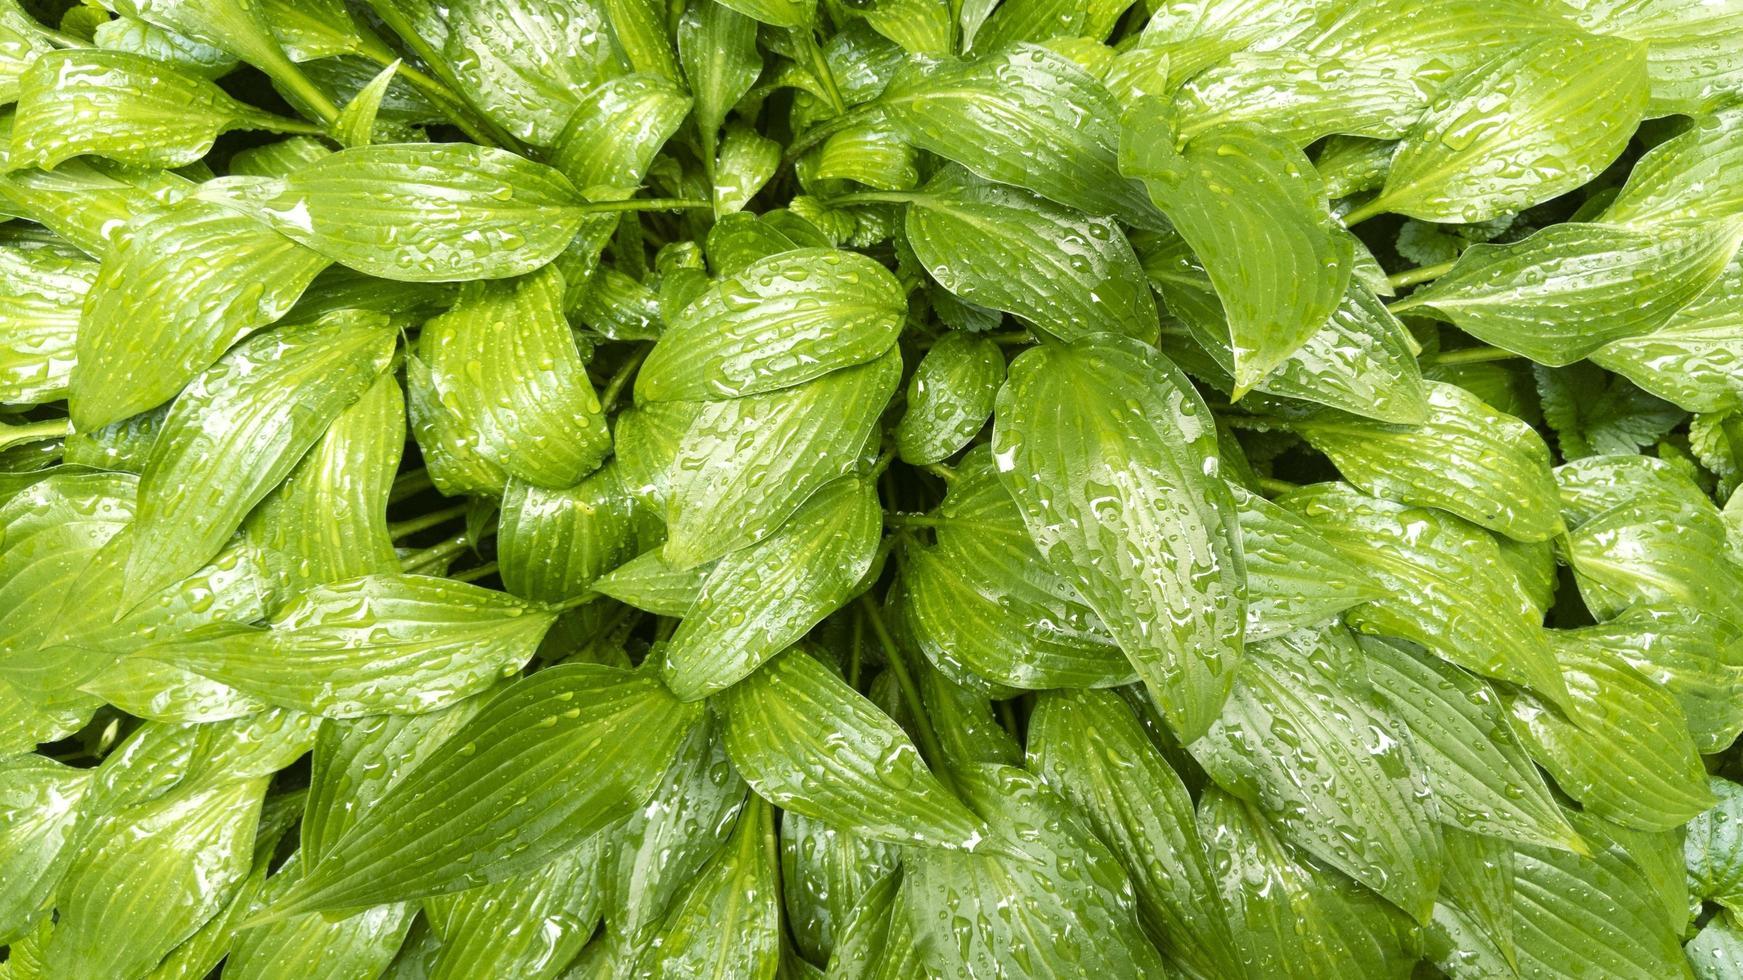 groene bladeren hosta plant met waterdruppels. natuurlijk patroon. Stock foto. foto